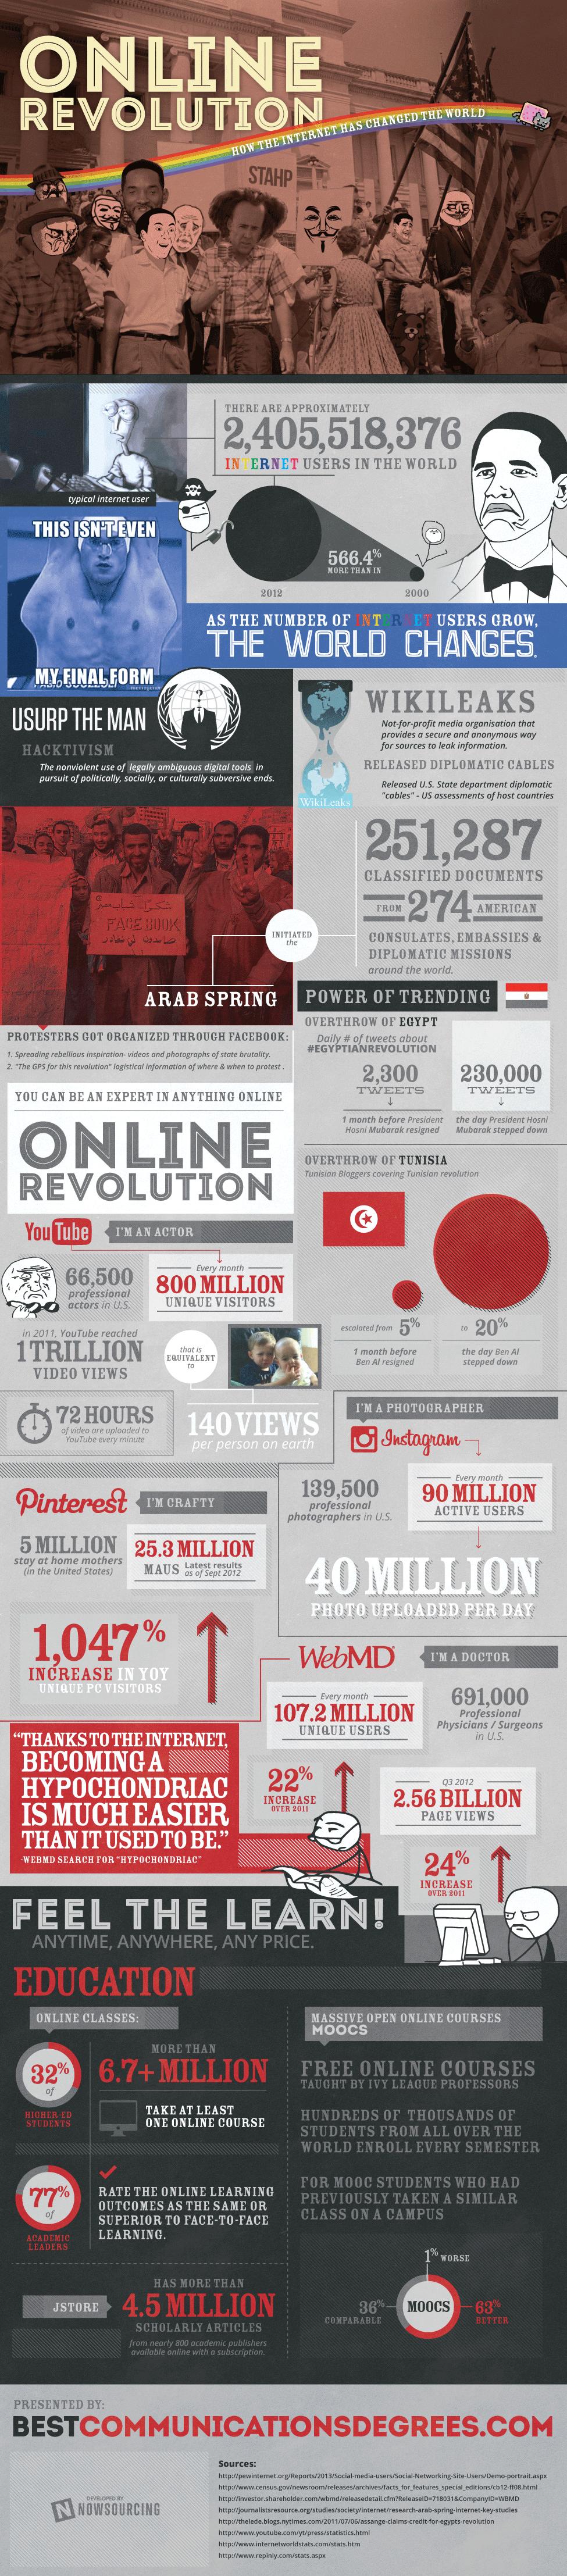 ¿Cómo ha revolucionado el mundo internet?